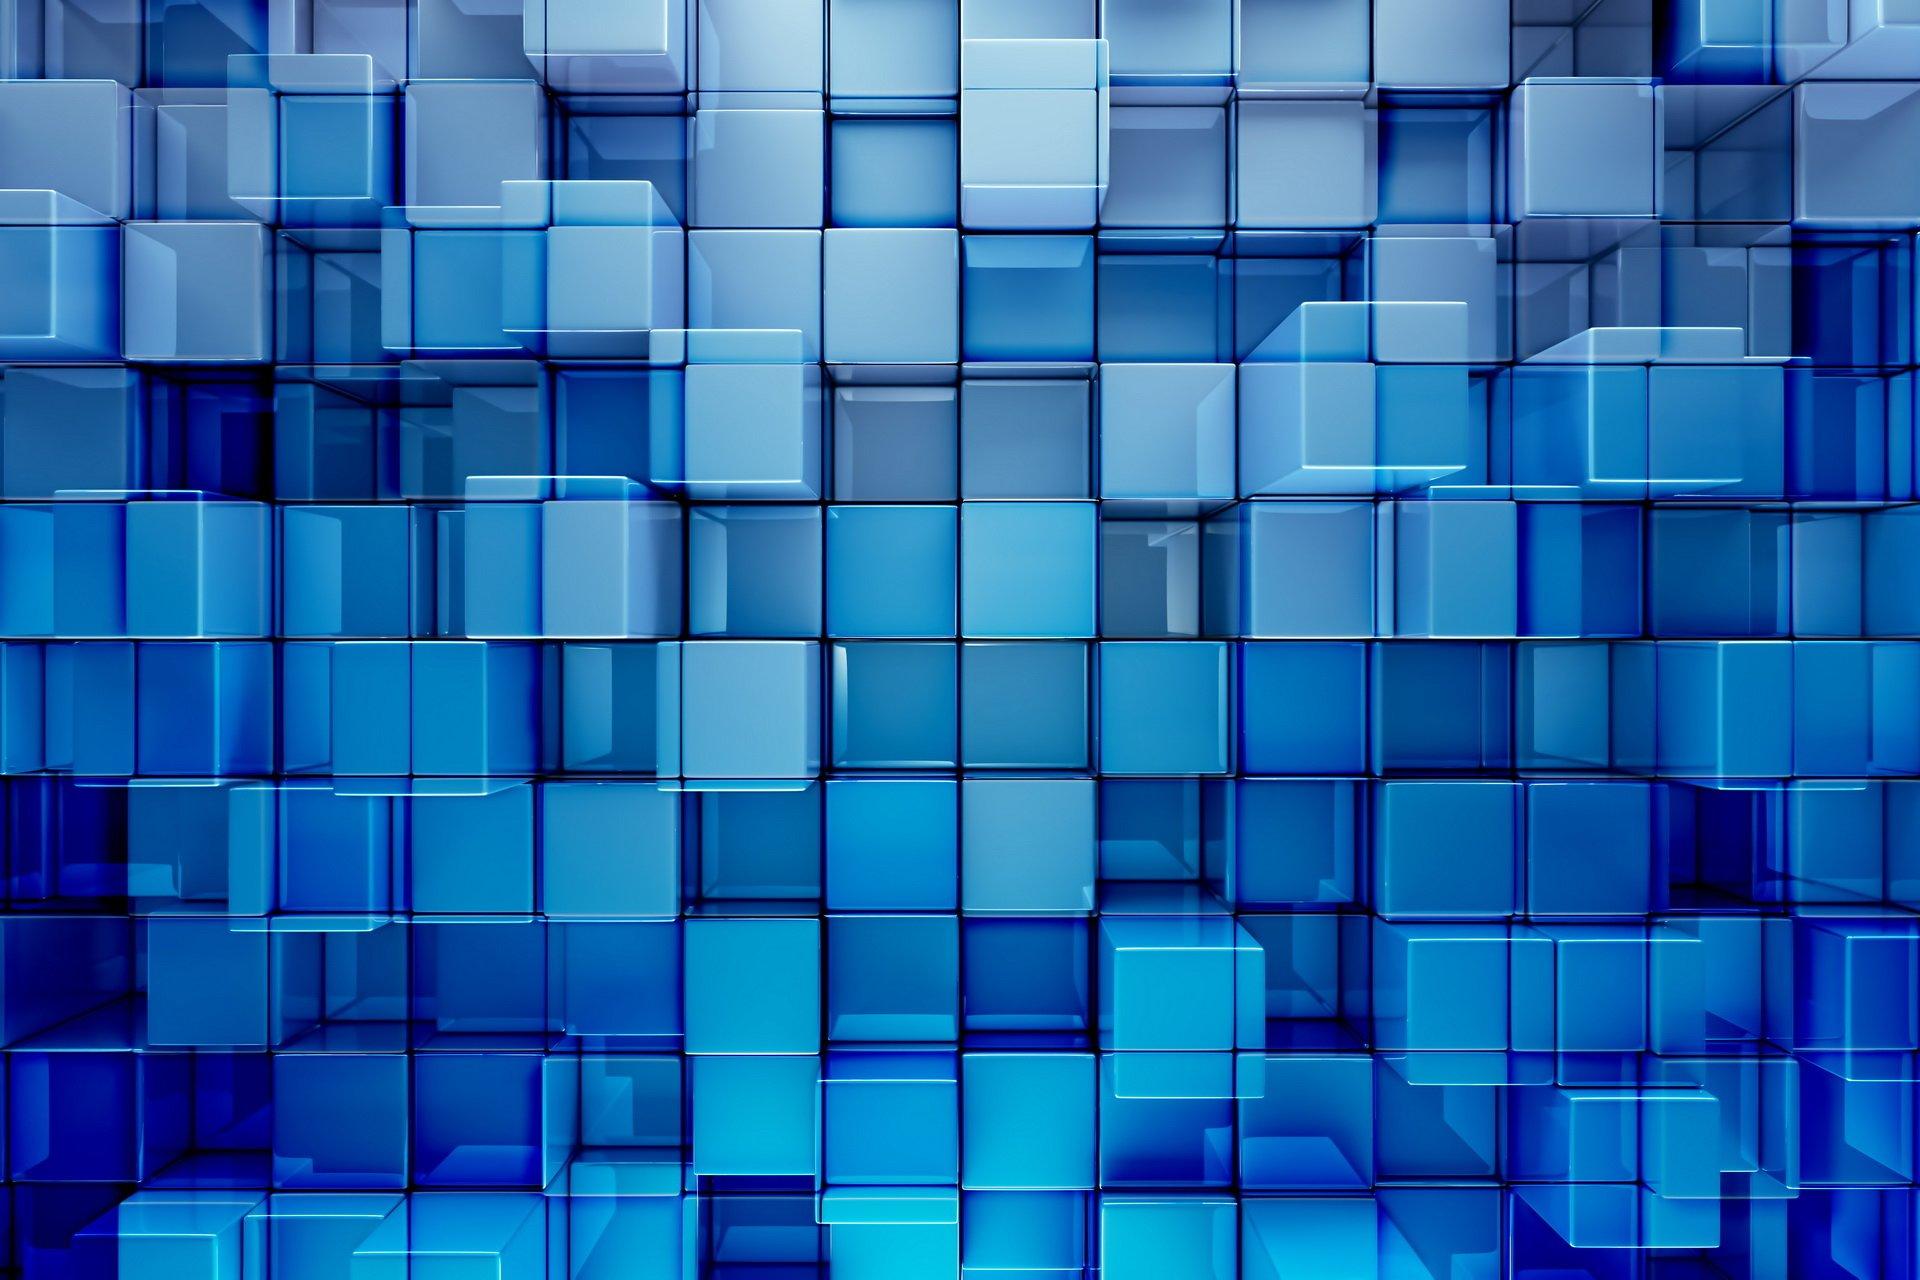 1920x1280 id 609178 wallpaper abyss